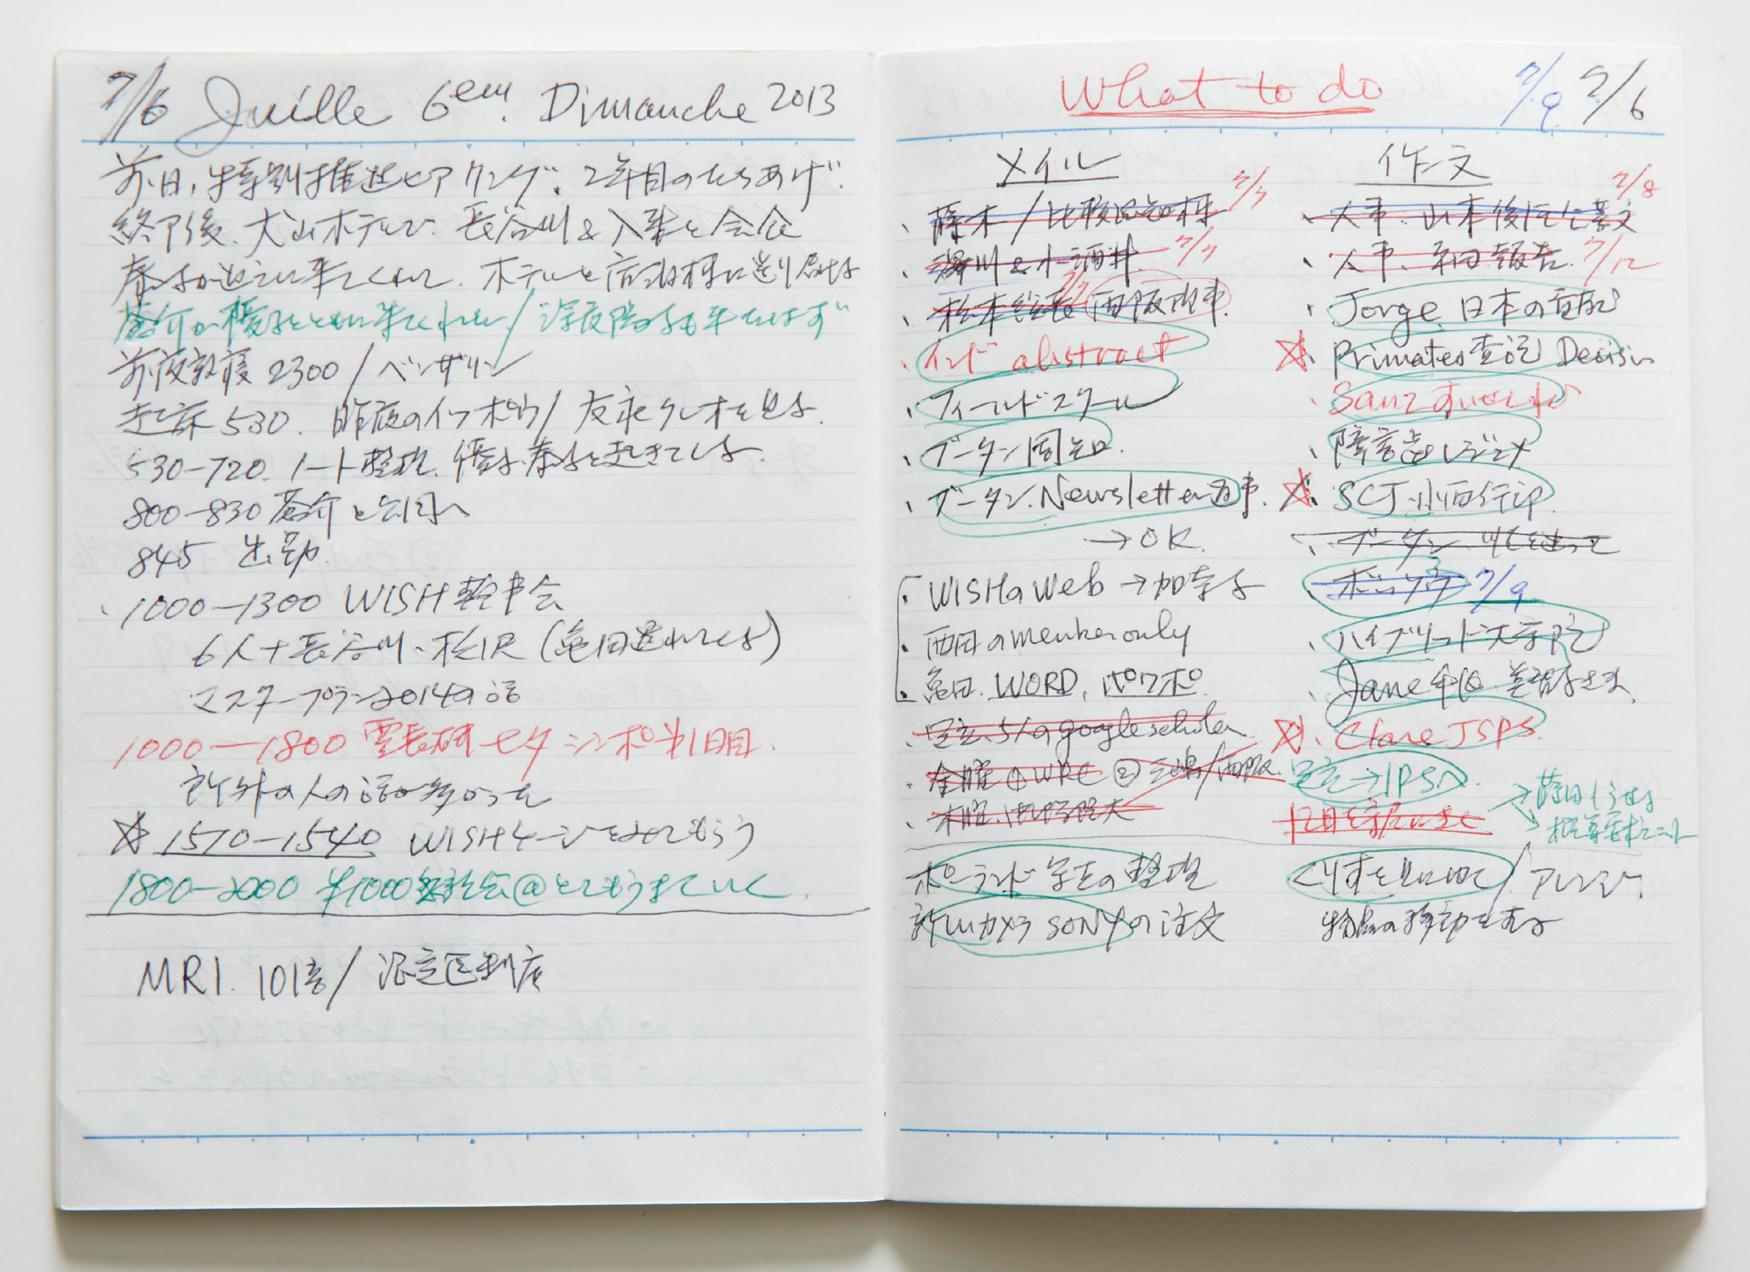 夏休み 夏休み自由 : 第5号 「人生の俯瞰図を描く人 ...